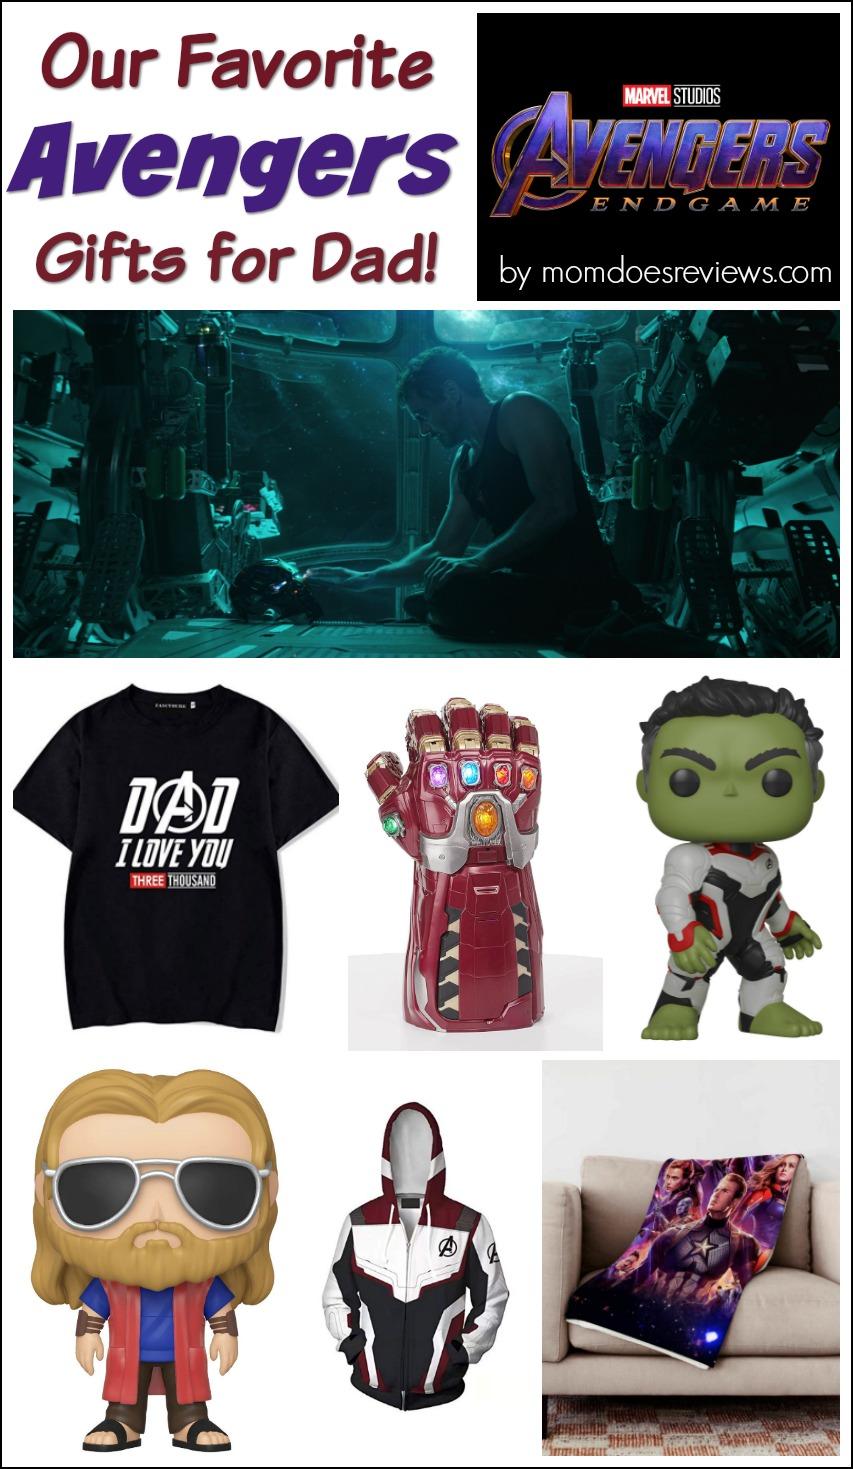 Our Favorite Avengers Gifts for Dad! #marvel #avengers #avengersendgam #giftideas